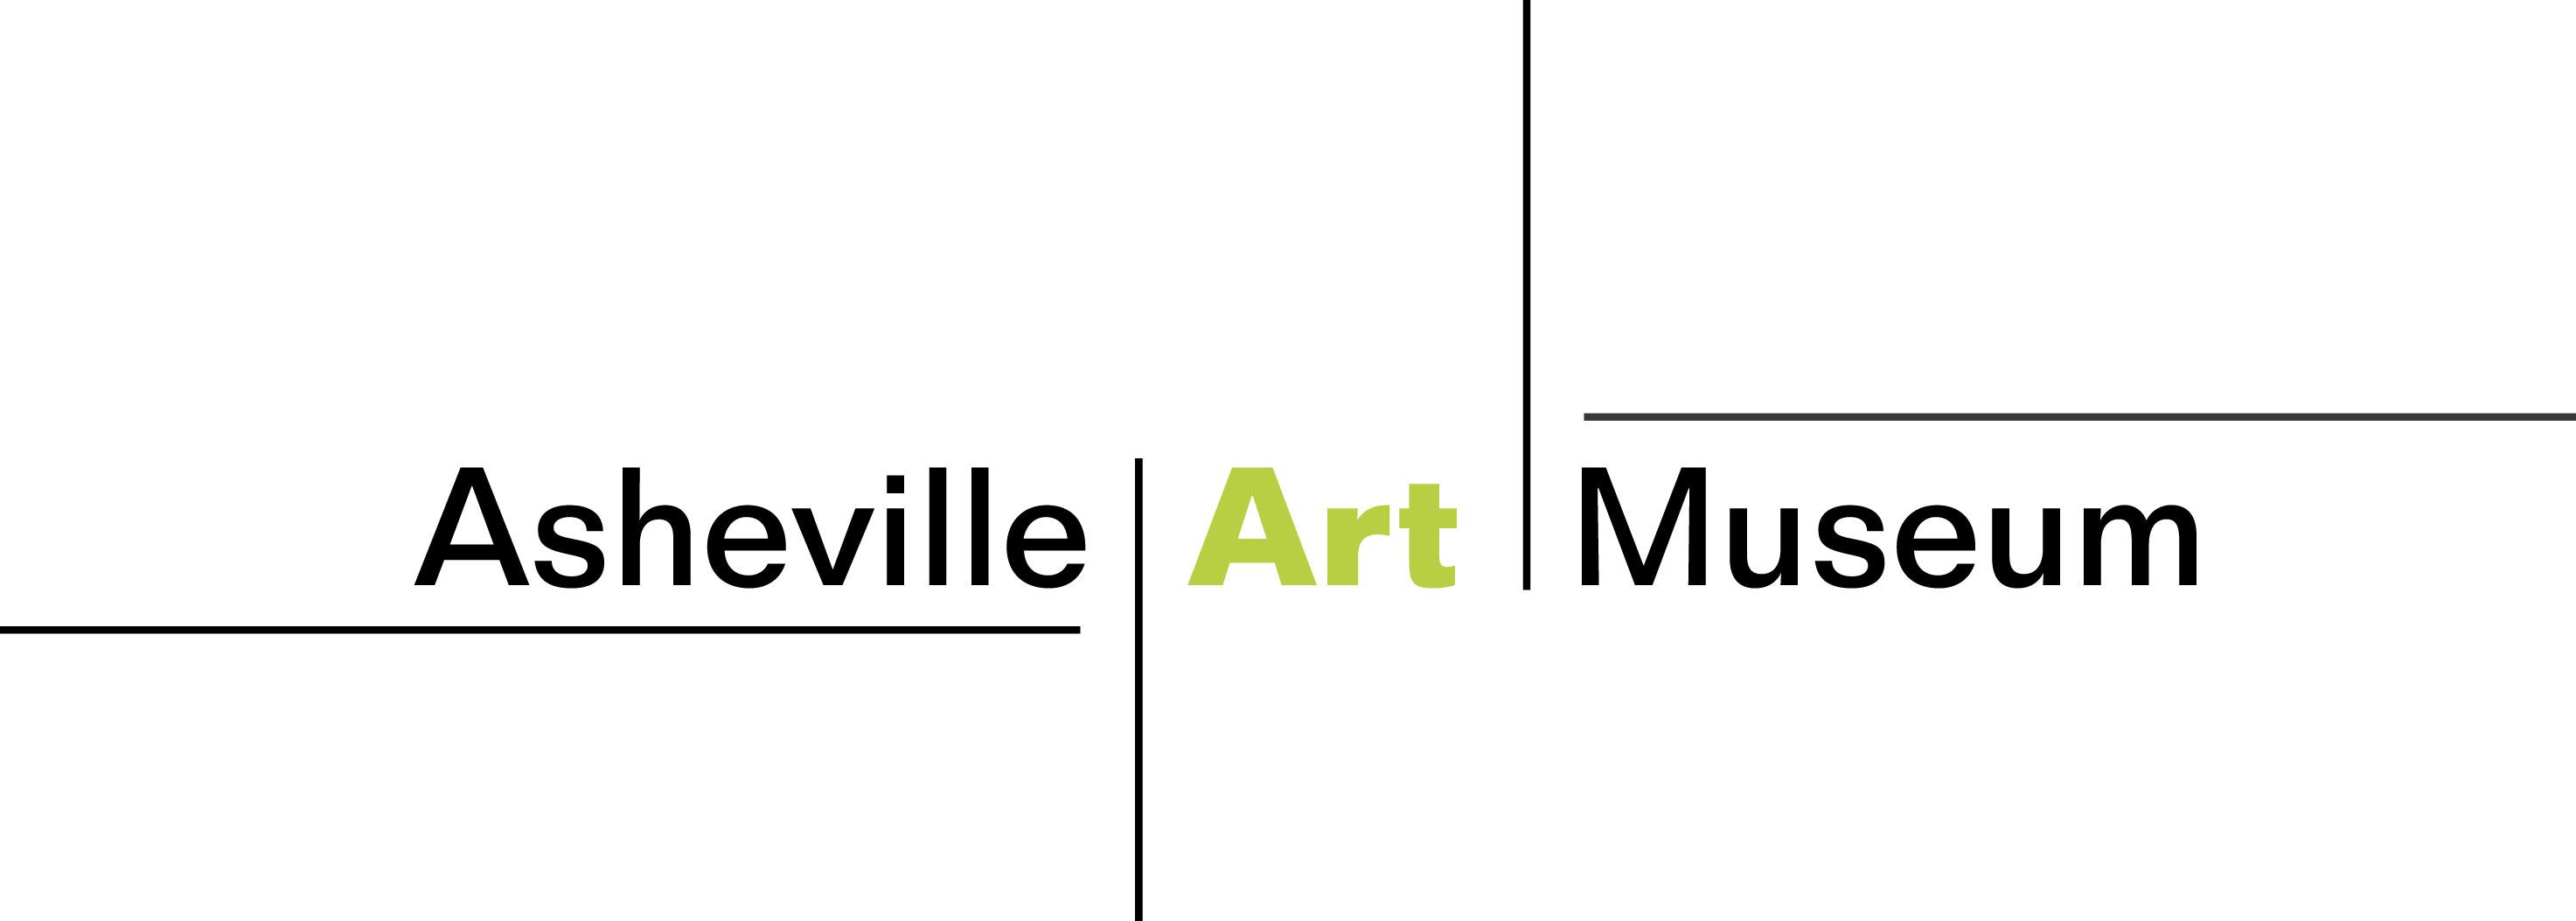 Asheville Art Museum Logo